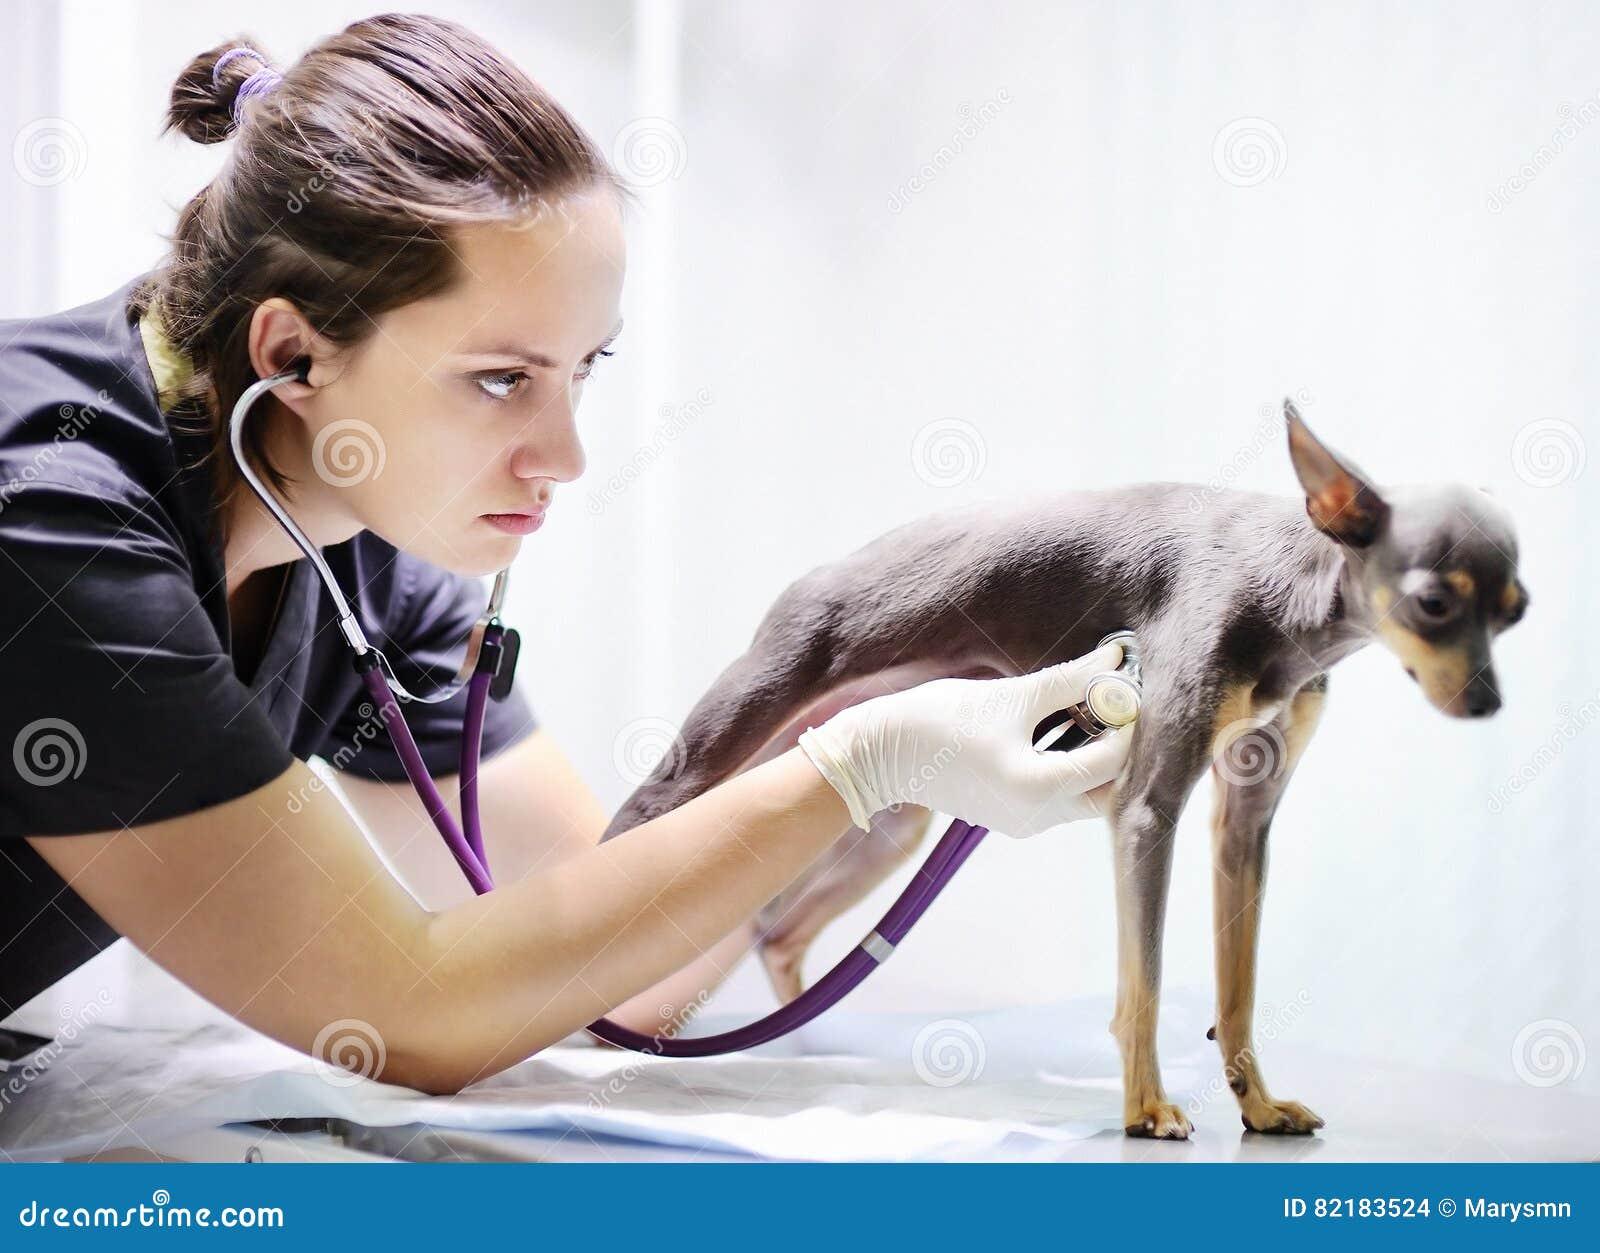 Doctor veterinario que usa el estetoscopio para el perro durante el examen en clínica veterinaria